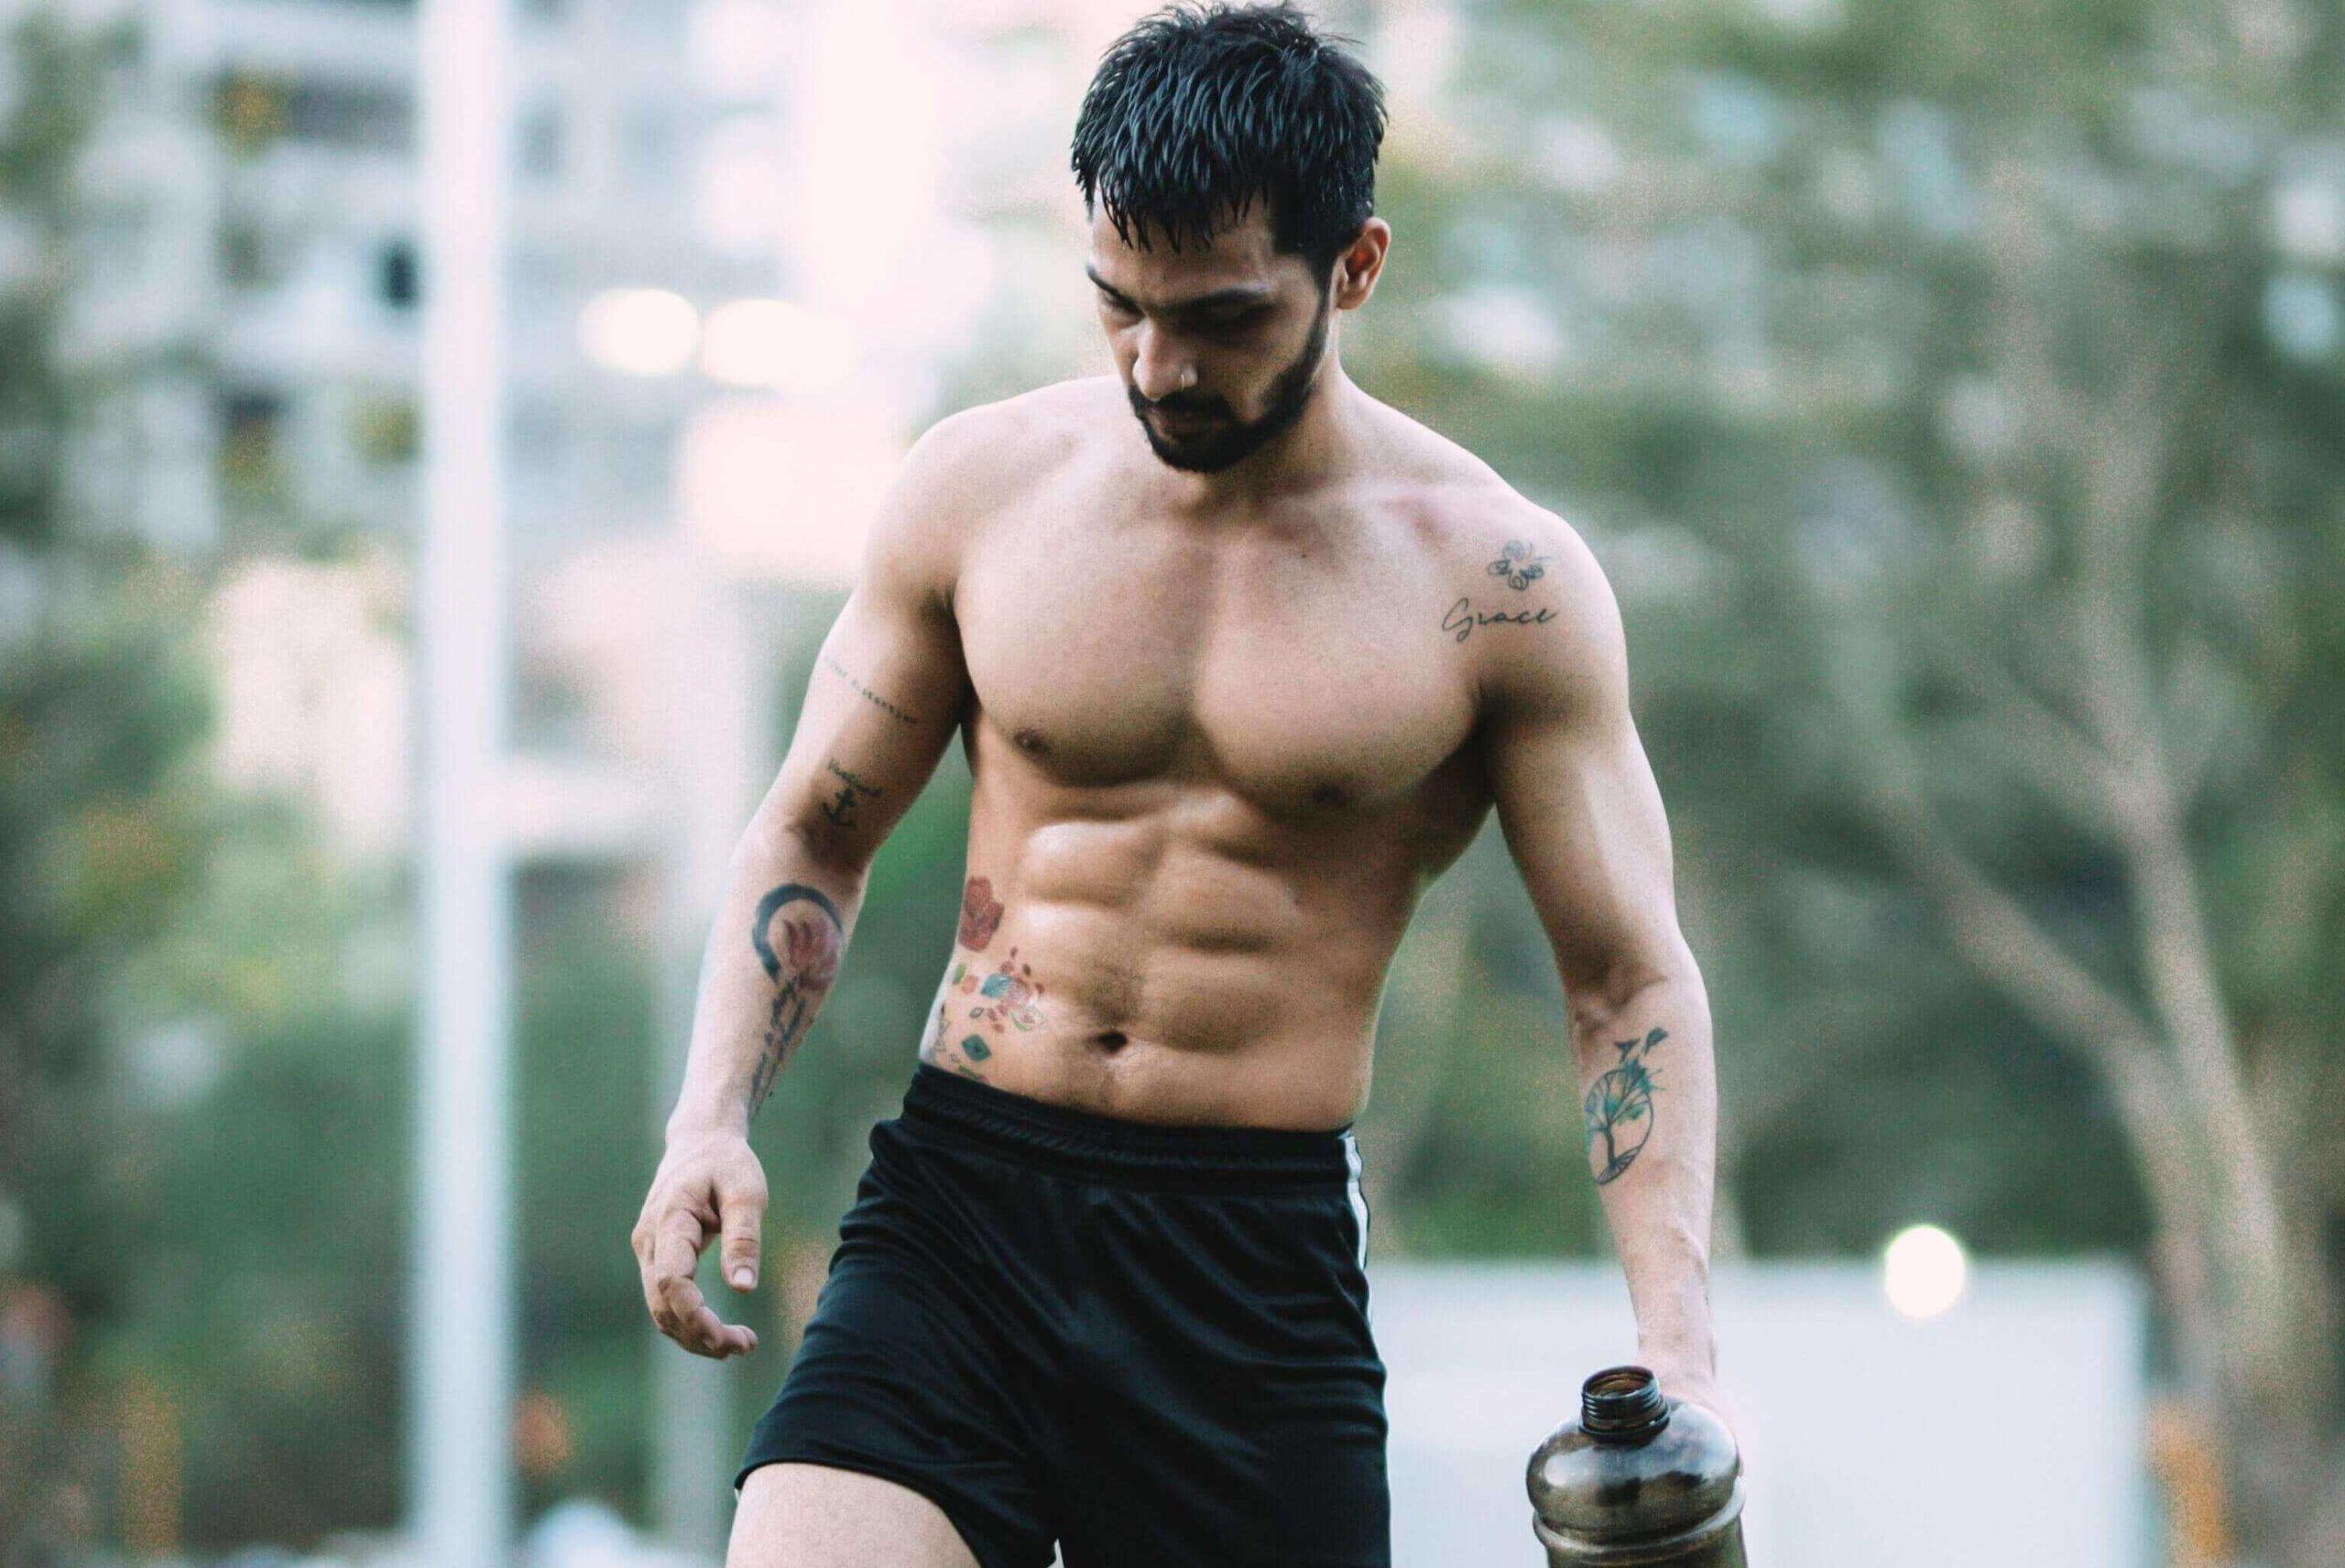 Shirtless Muscular Man Outside